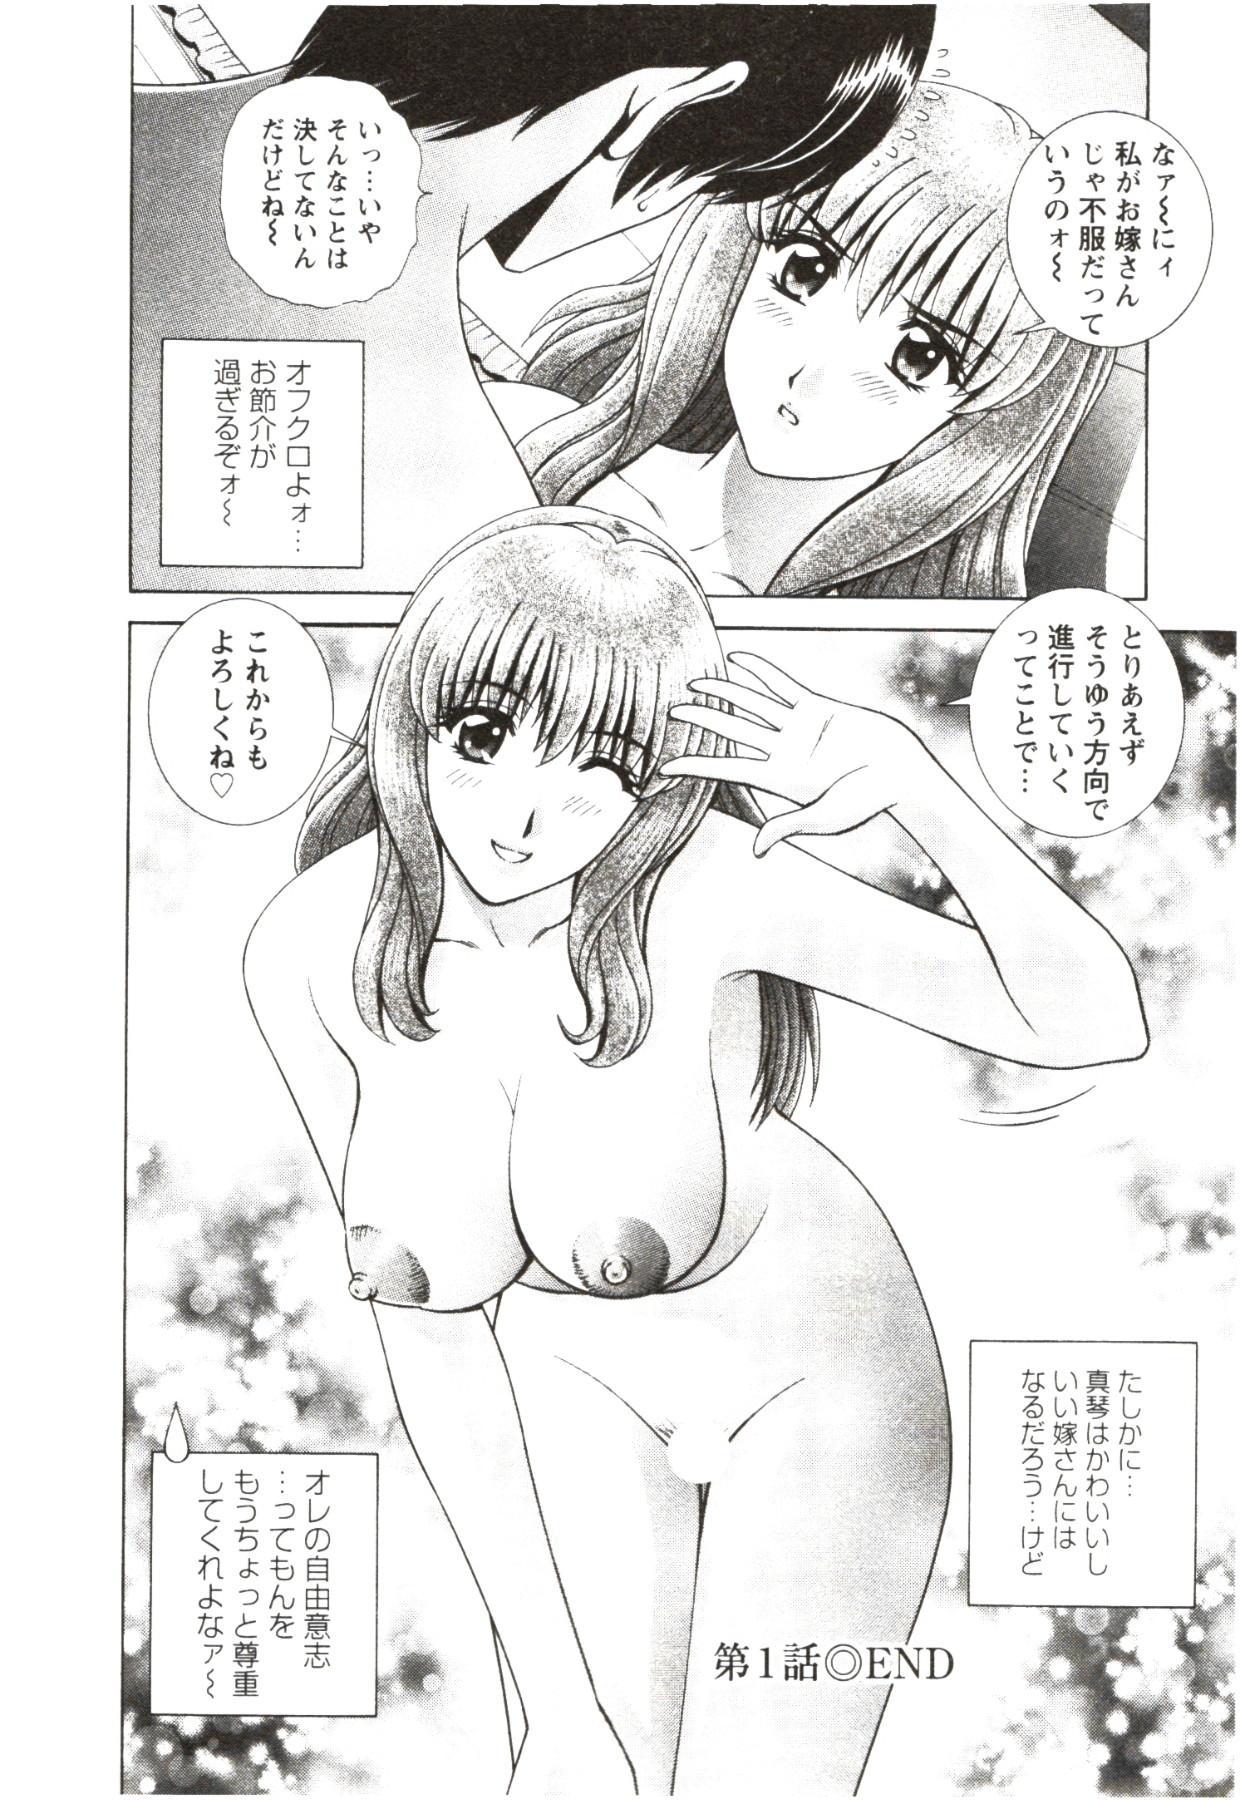 Futarigurashi 21